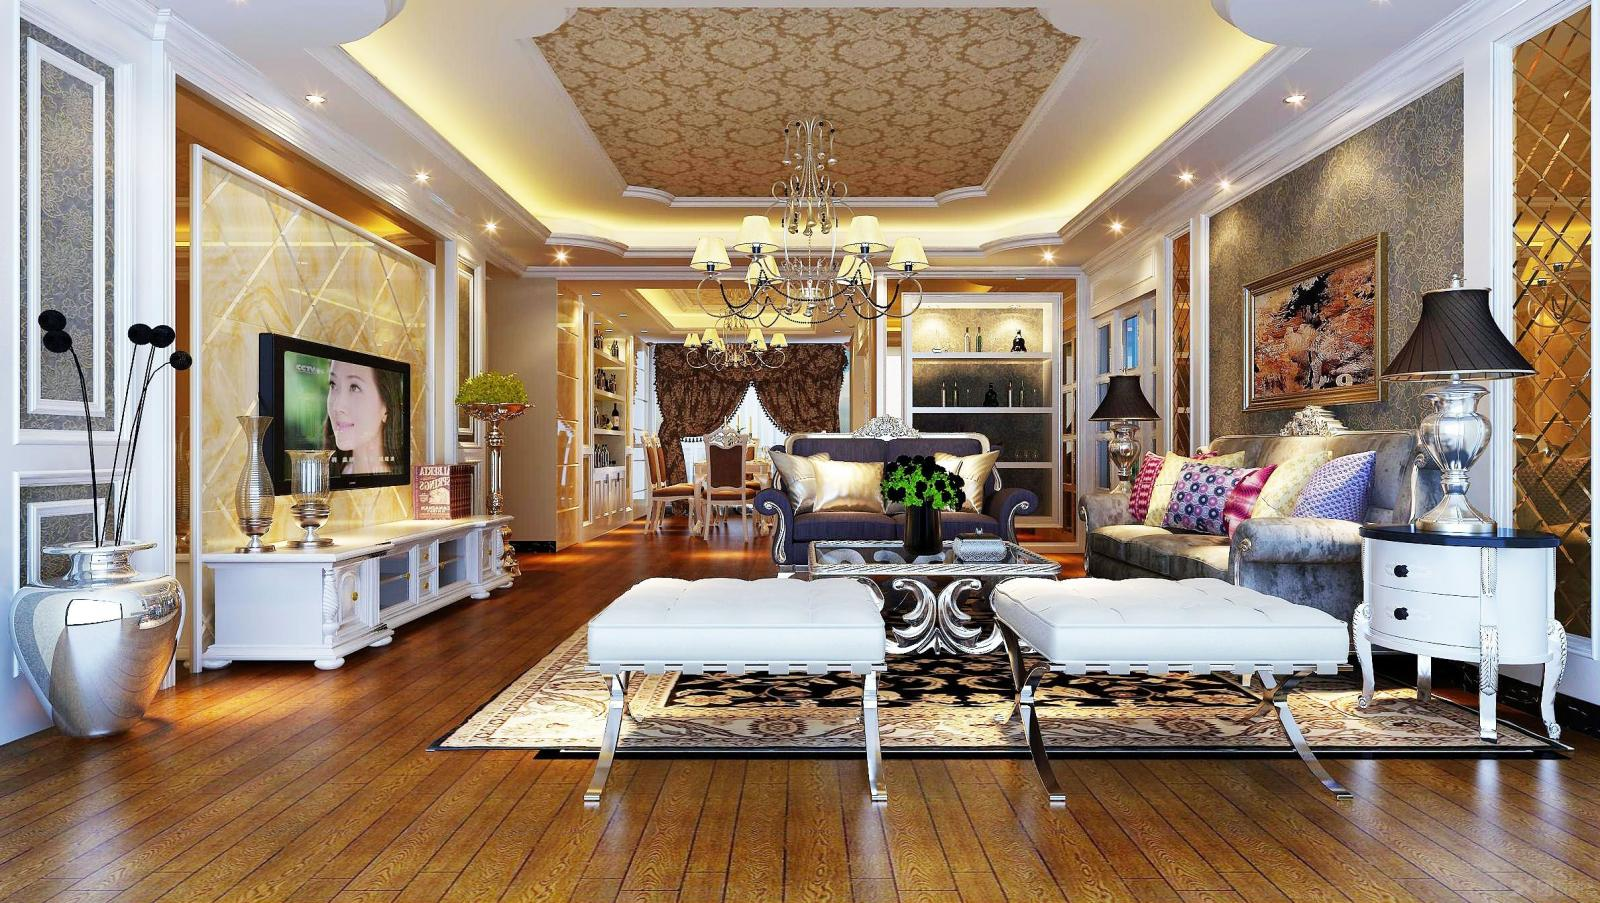 三居室欧式风格客厅_盛唐至尊图片